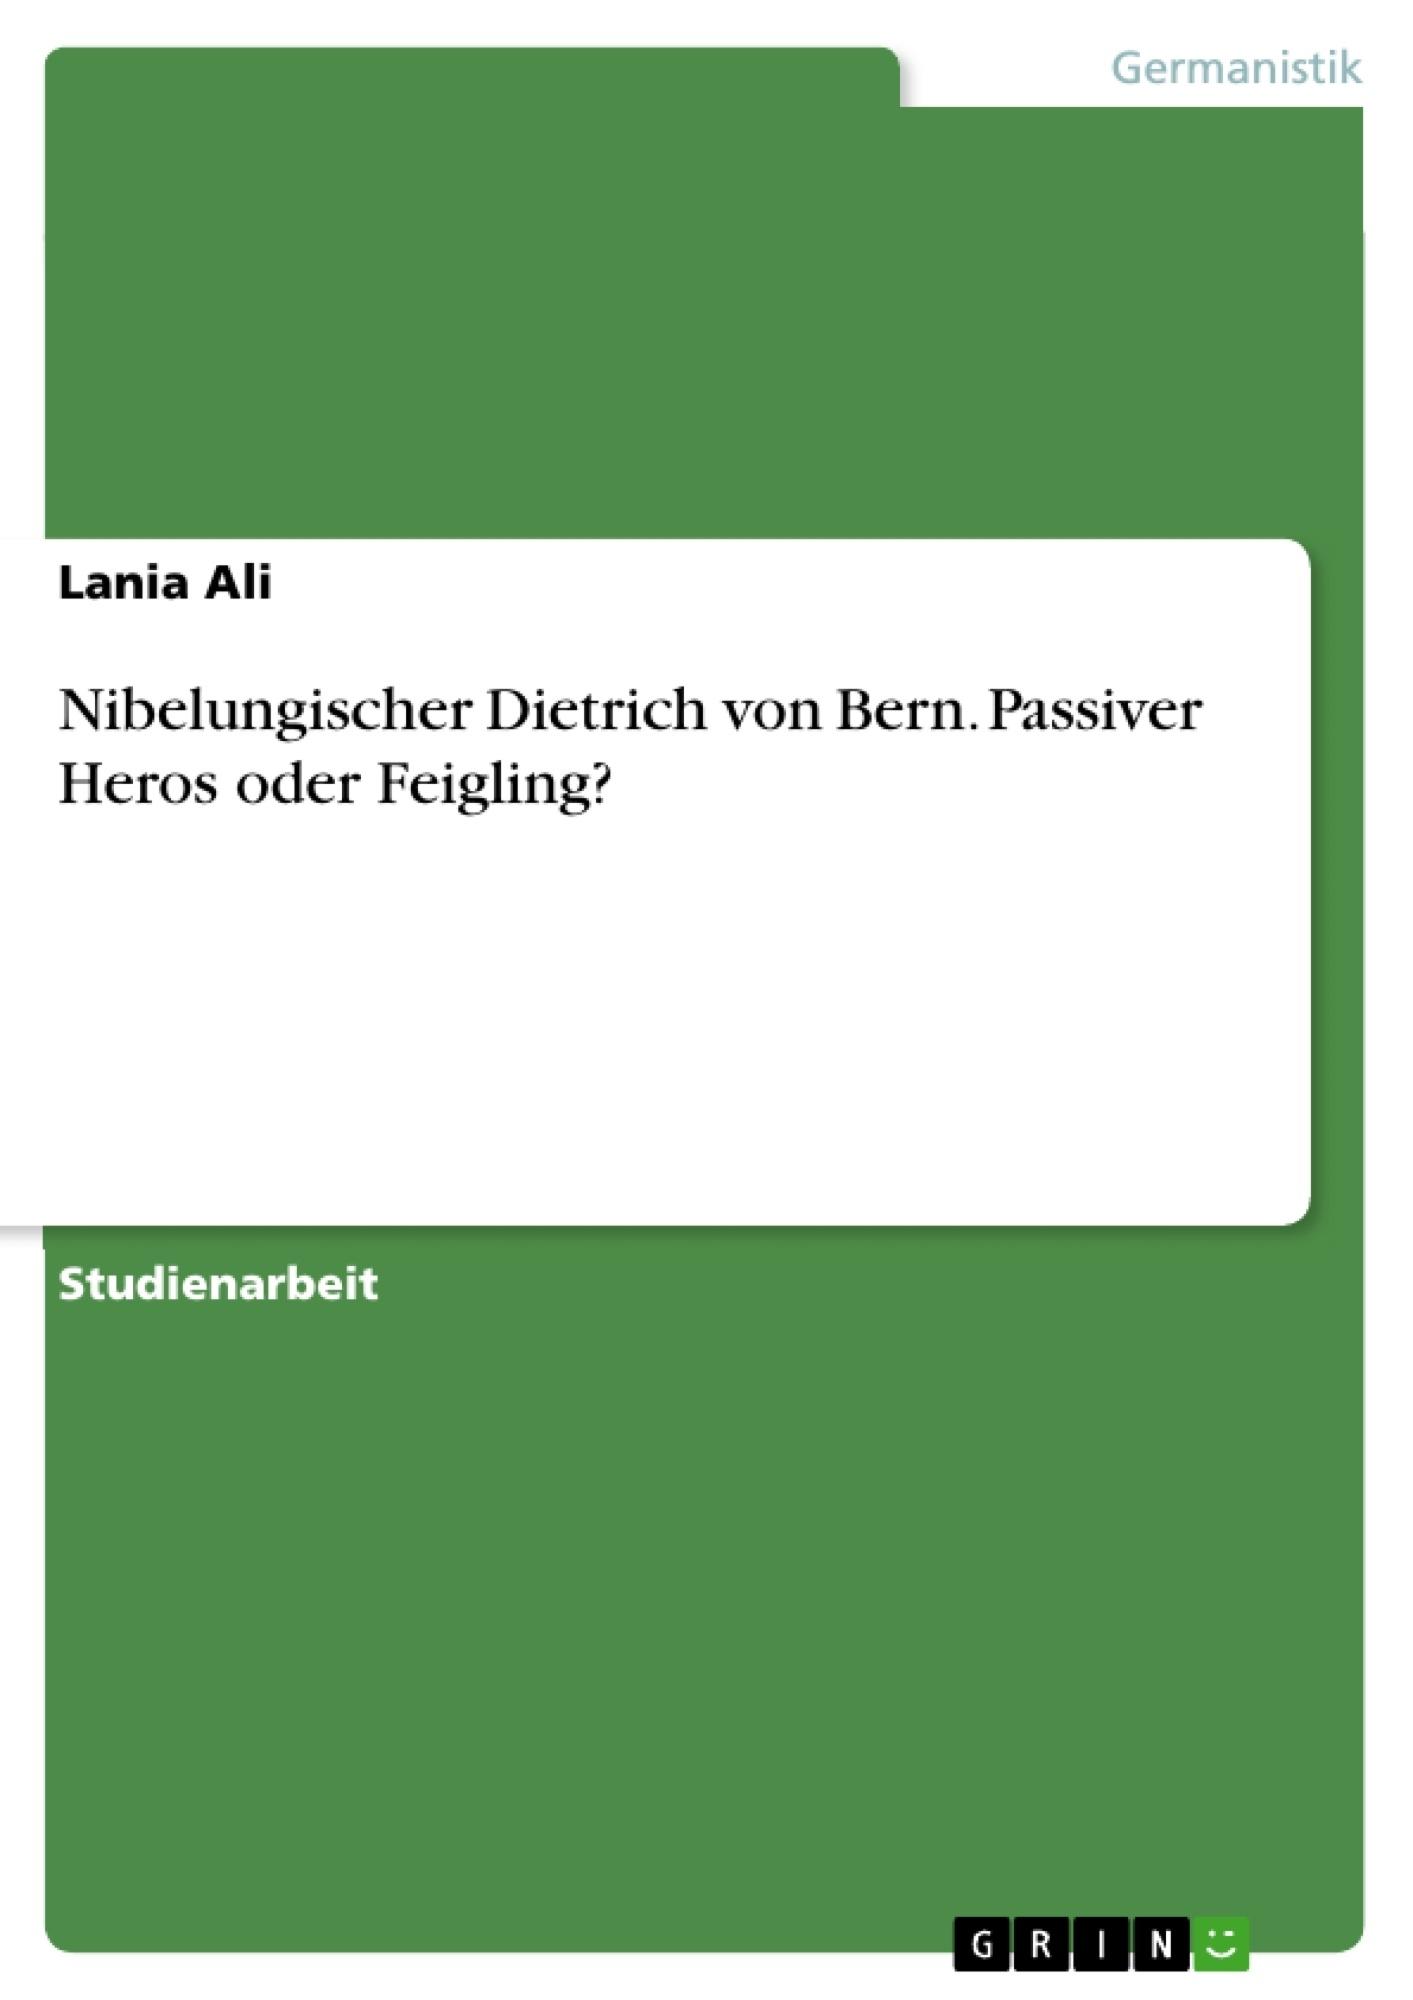 Titel: Nibelungischer Dietrich von Bern. Passiver Heros oder Feigling?